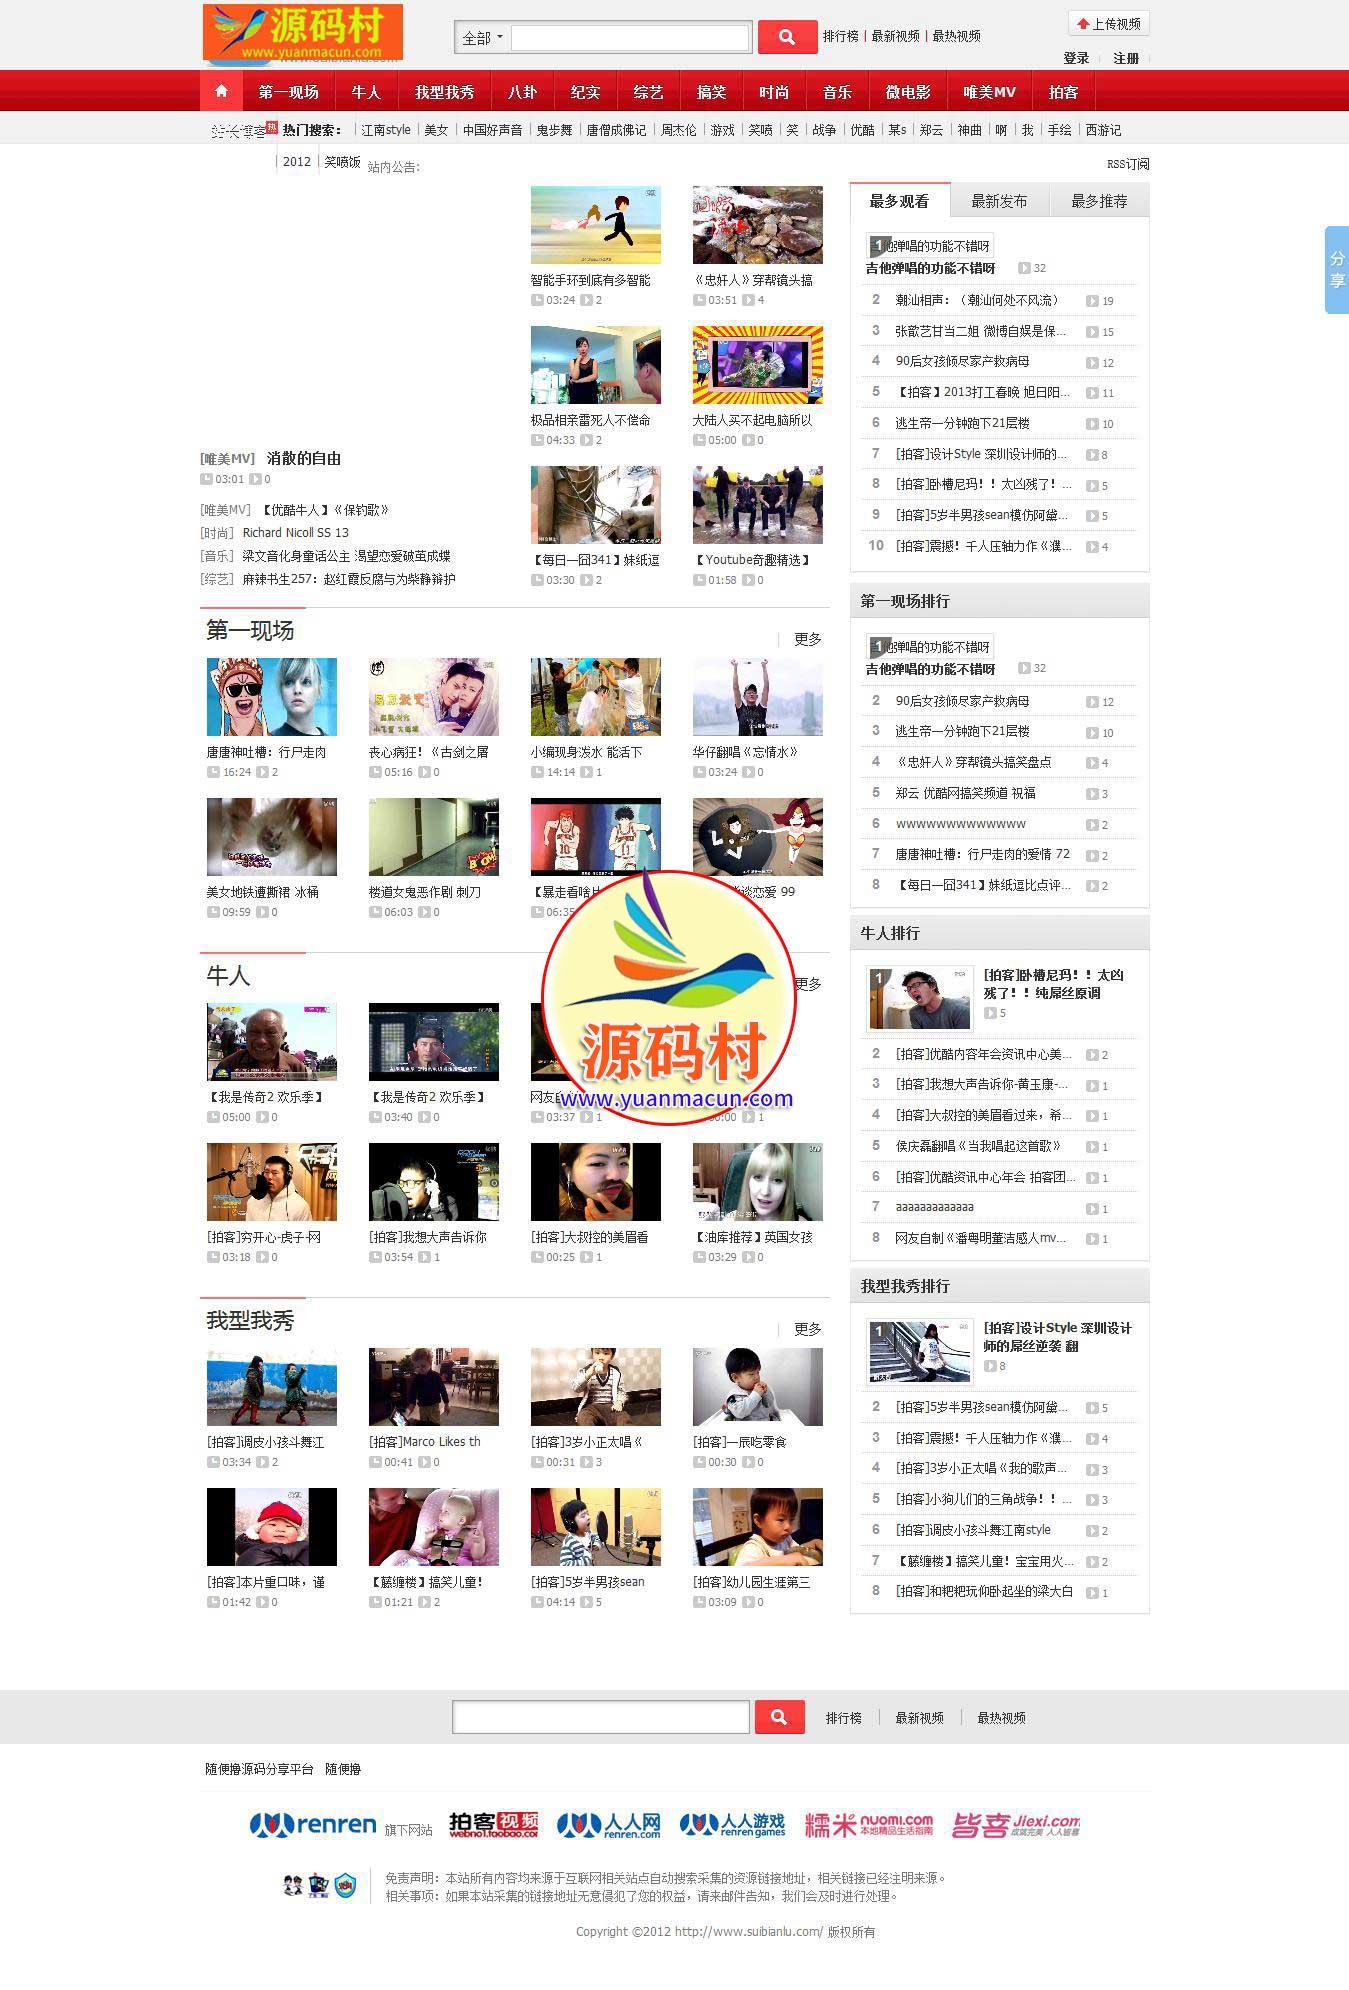 DESTOON仿拍客视频 仿搜狐视频优酷网站 附带优酷56视频采集+详细安装说明+伪静态